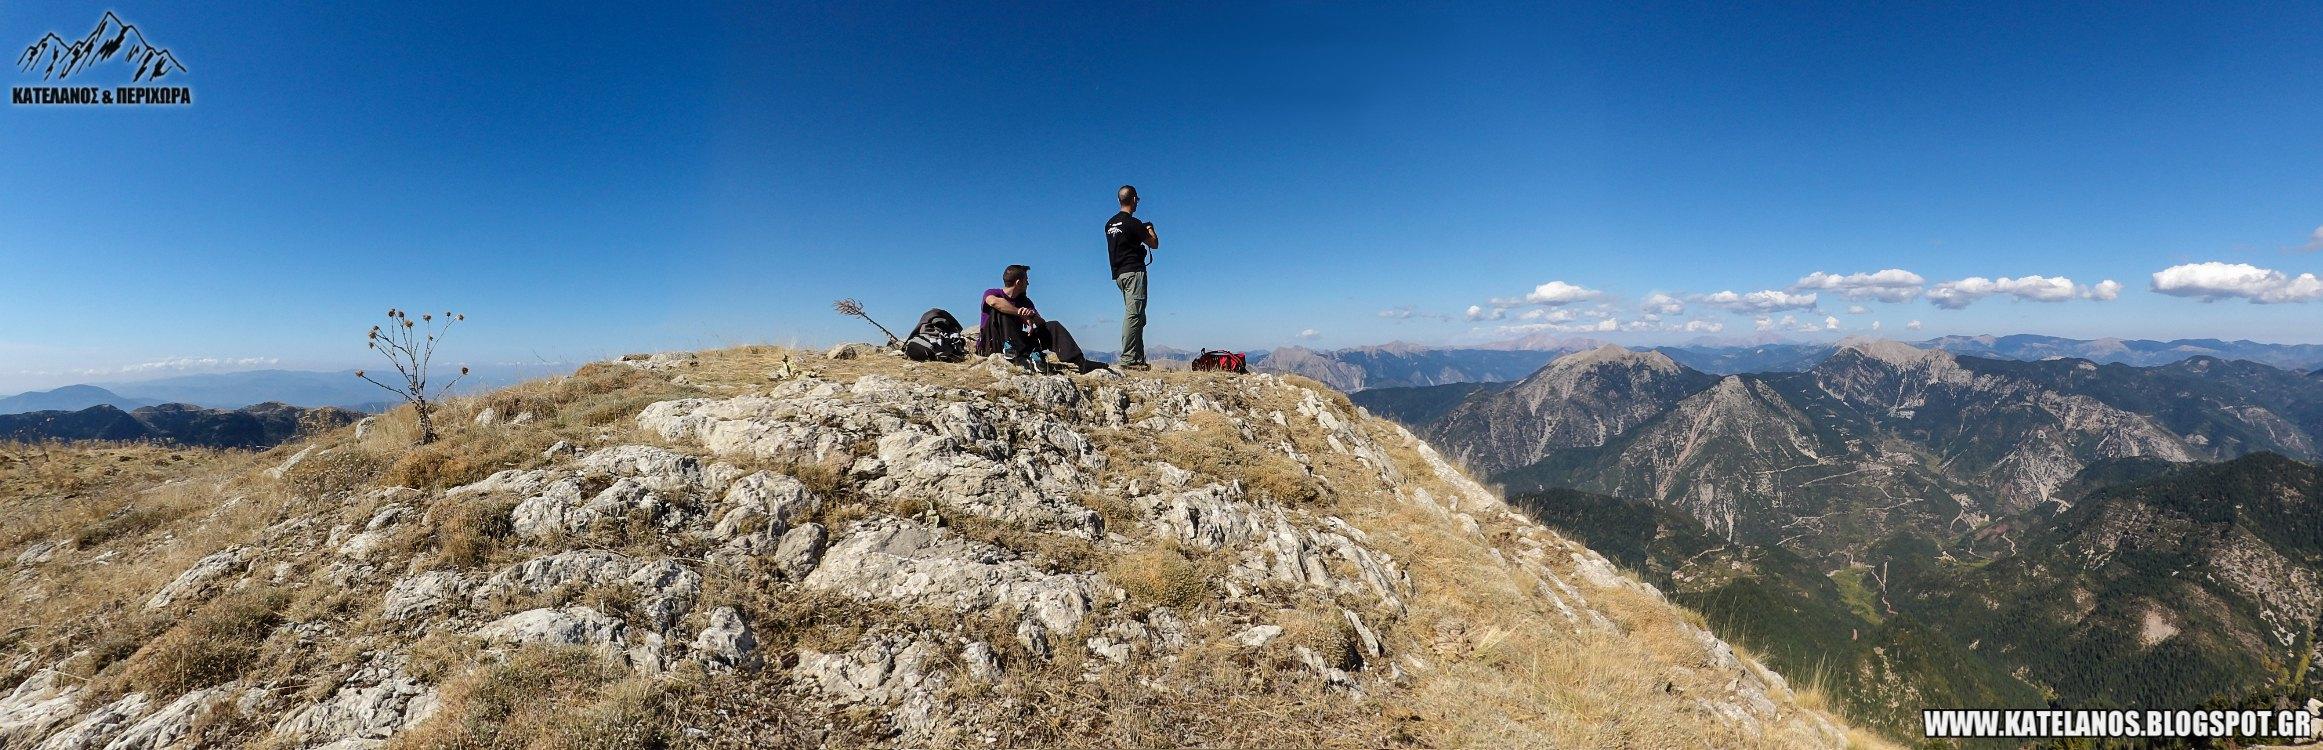 ορεινη ναυπακτια αναβασεις διαδρομες κορυφη τσακαλακι